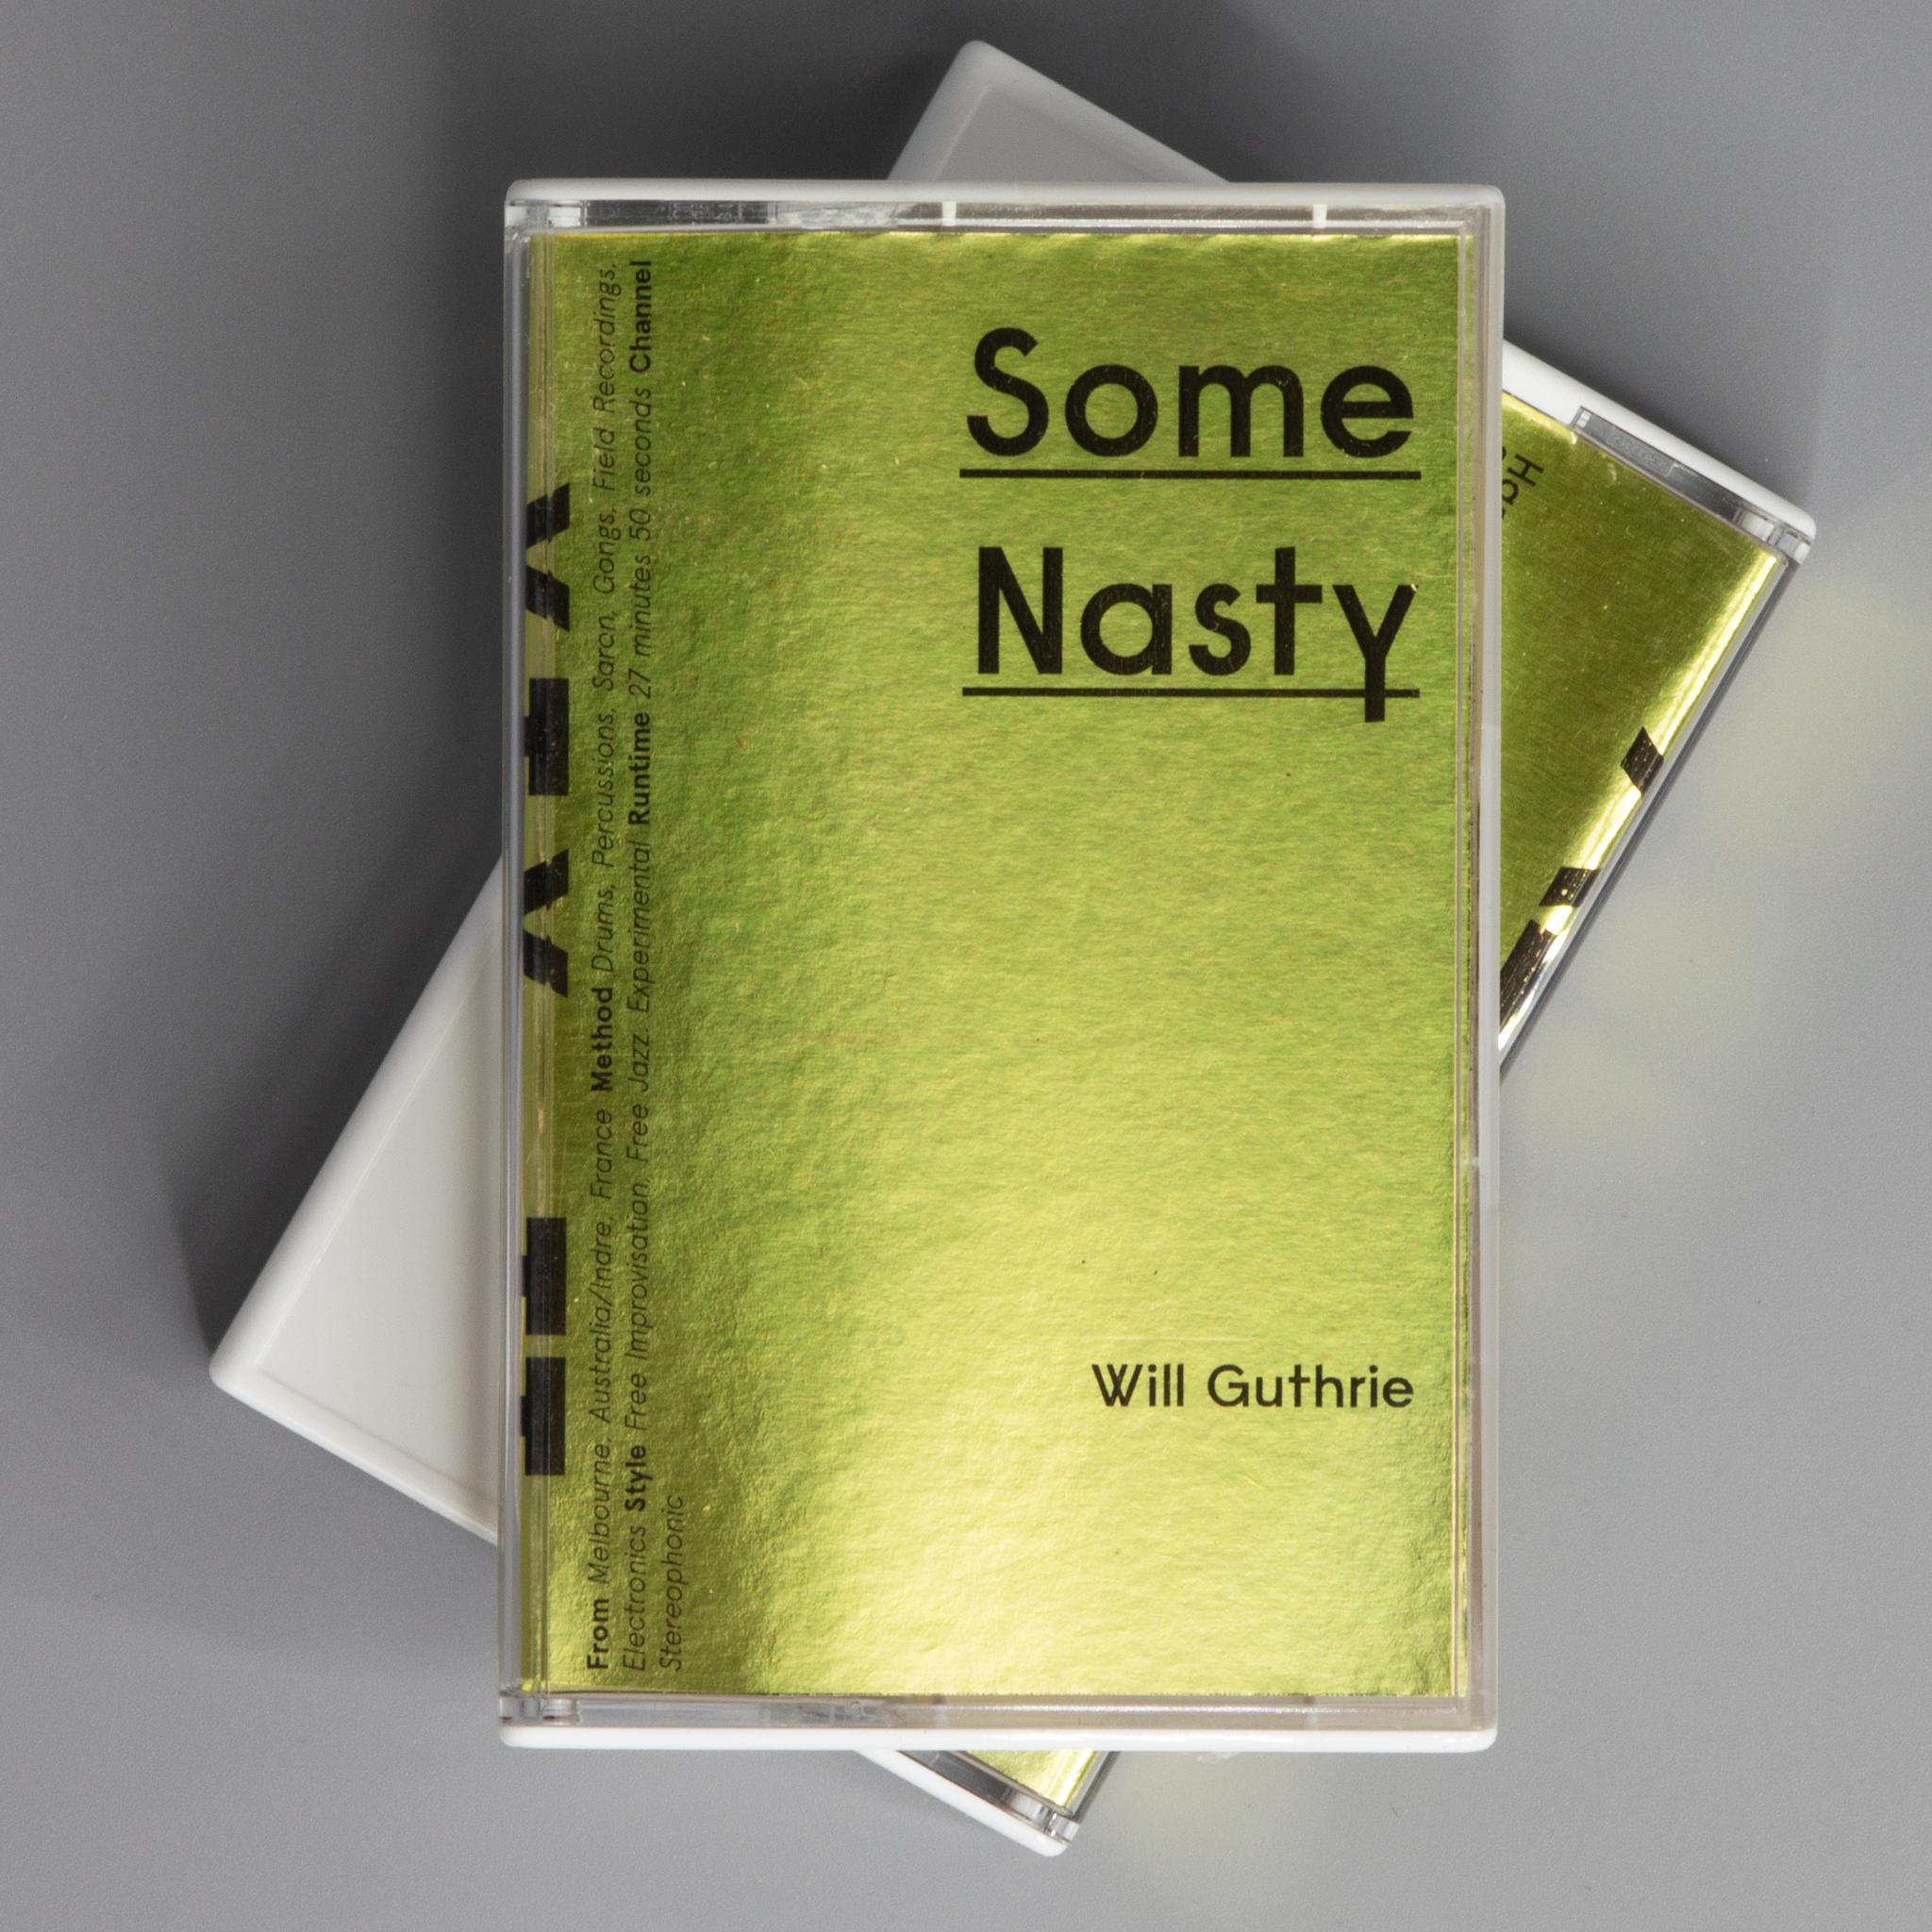 Some Nasty